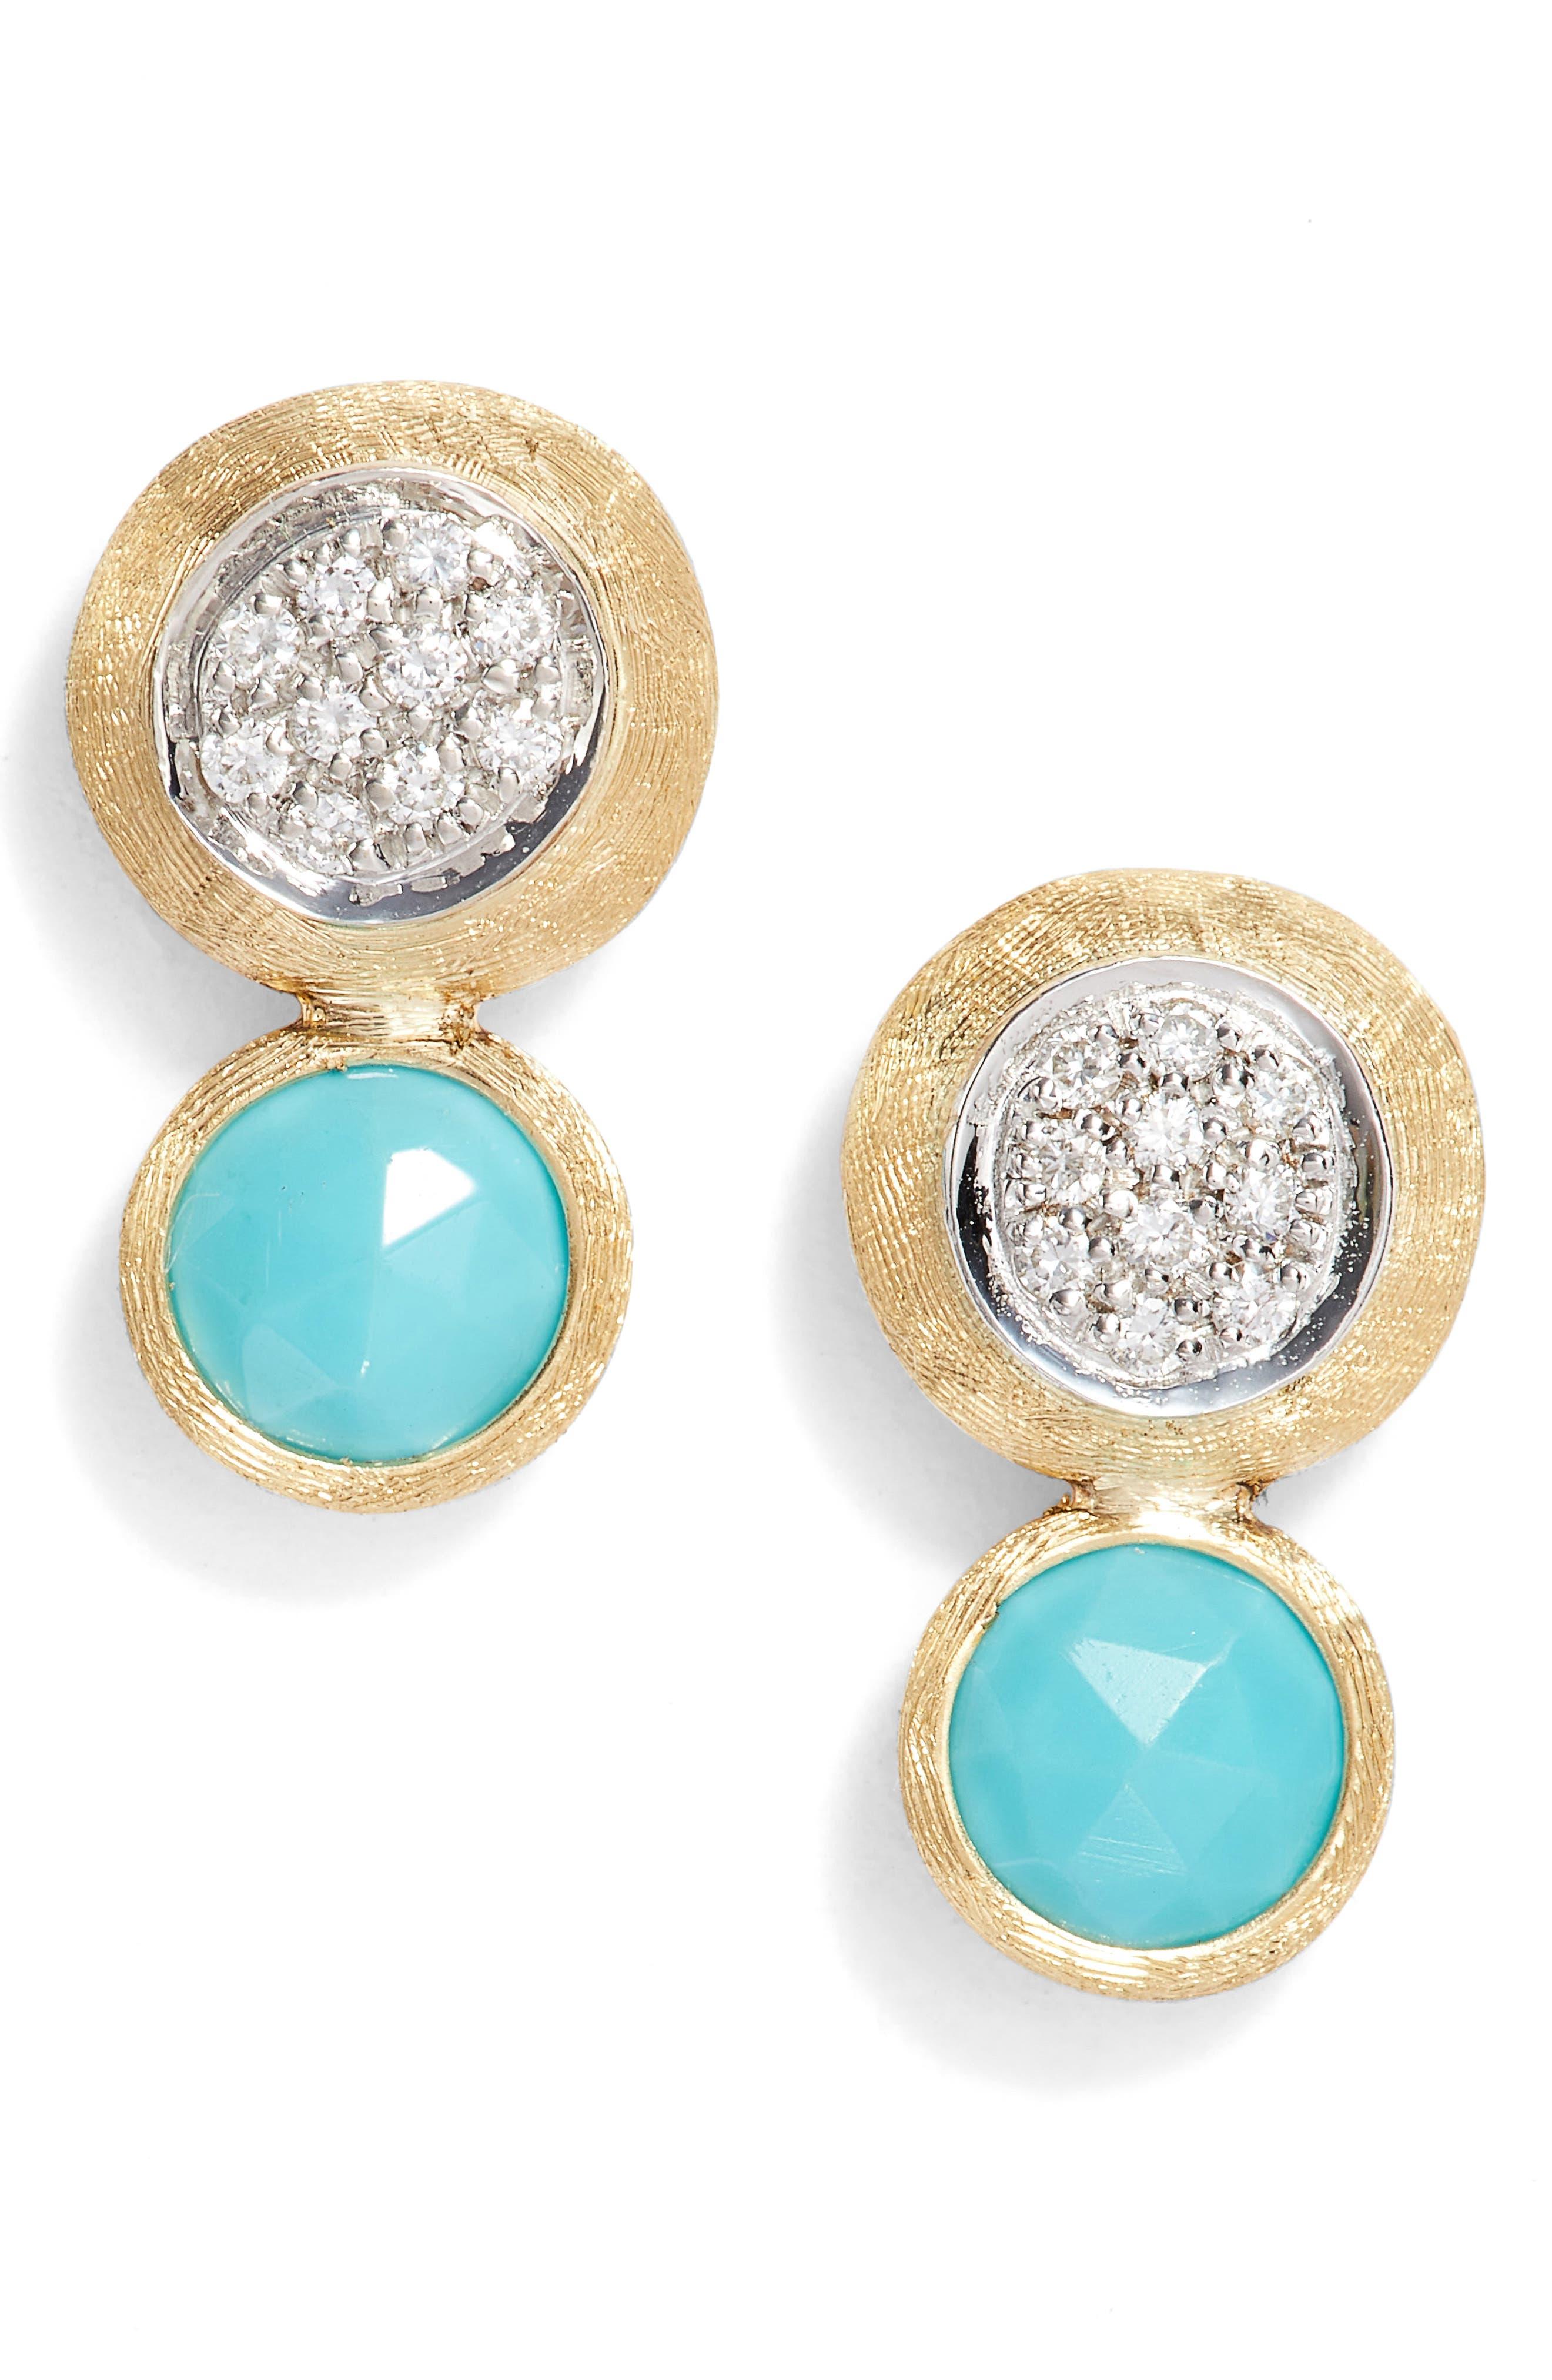 Jaipur Diamond & Turquoise Stud Earrings,                         Main,                         color, 710